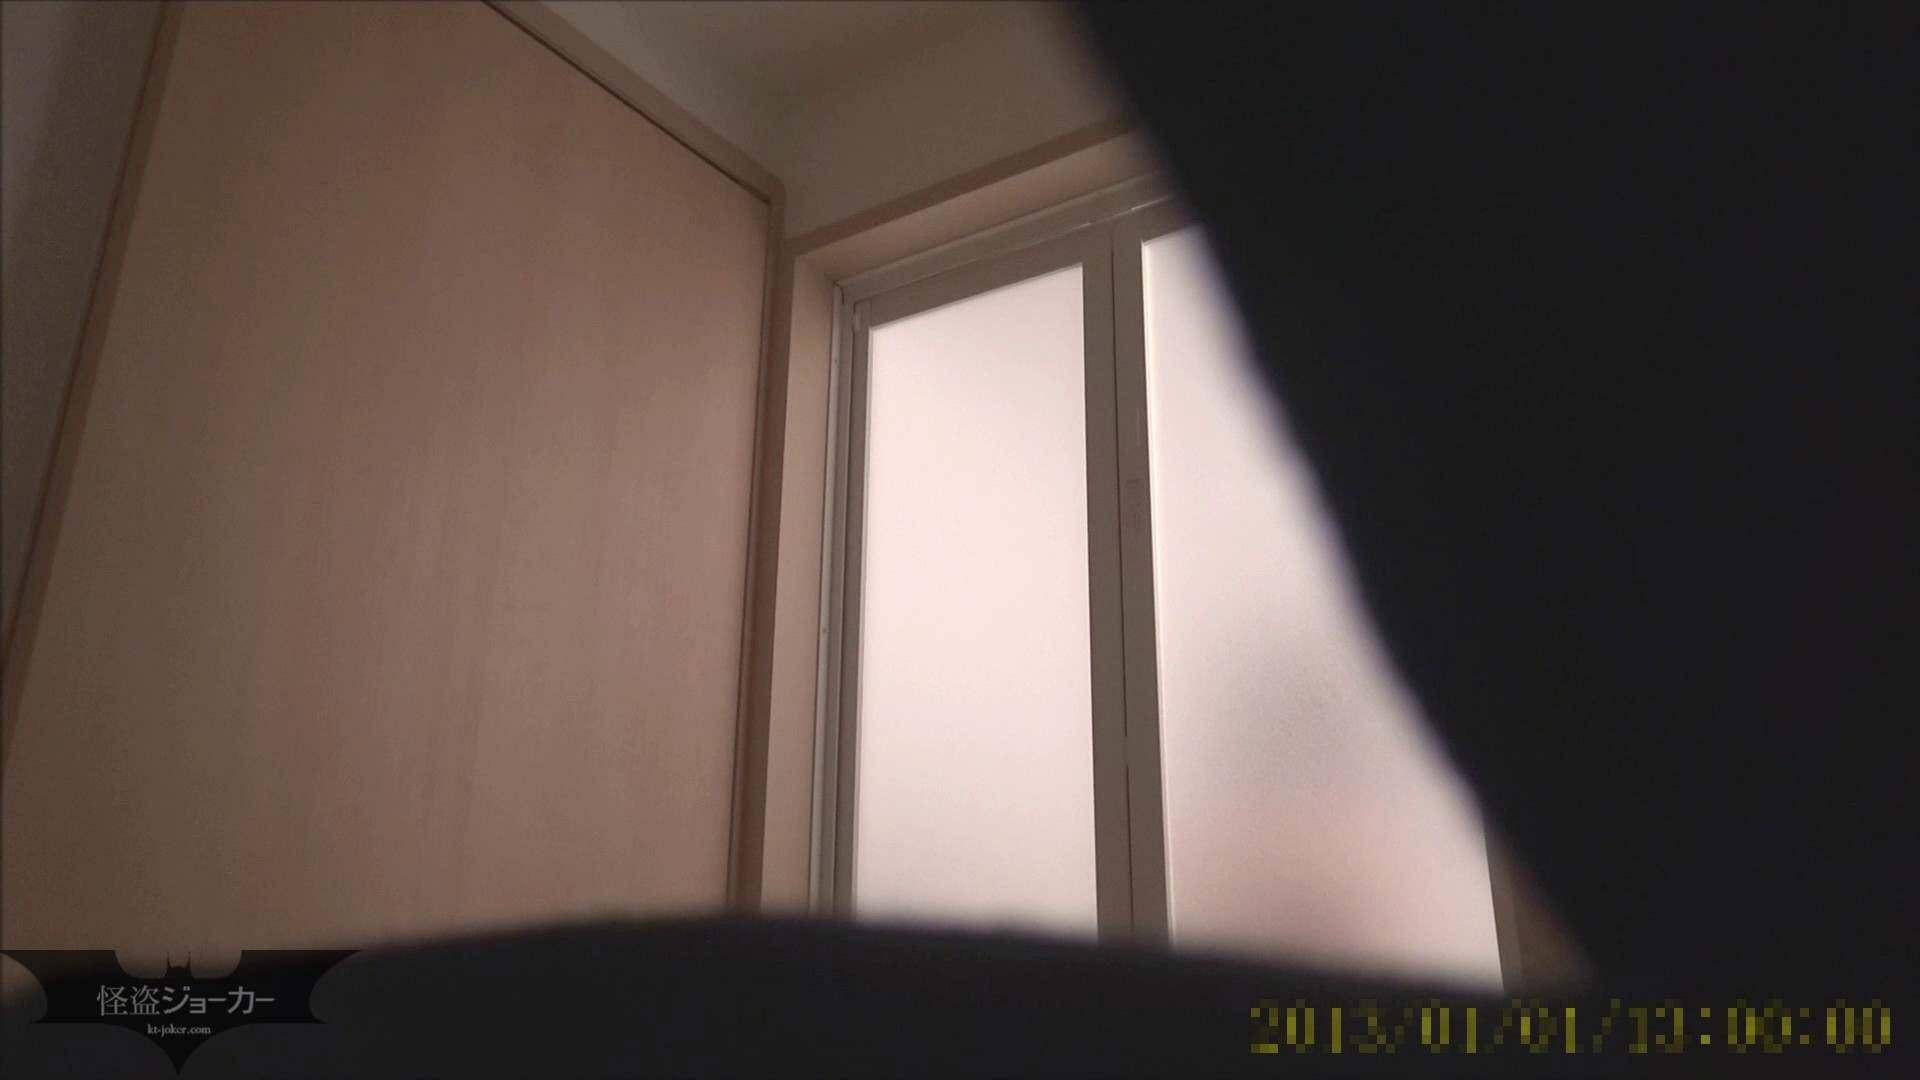 【未公開】vol.103  {黒髪→茶髪ボブに変身}美巨乳アミちゃん④【前編】 女子大生  92画像 40